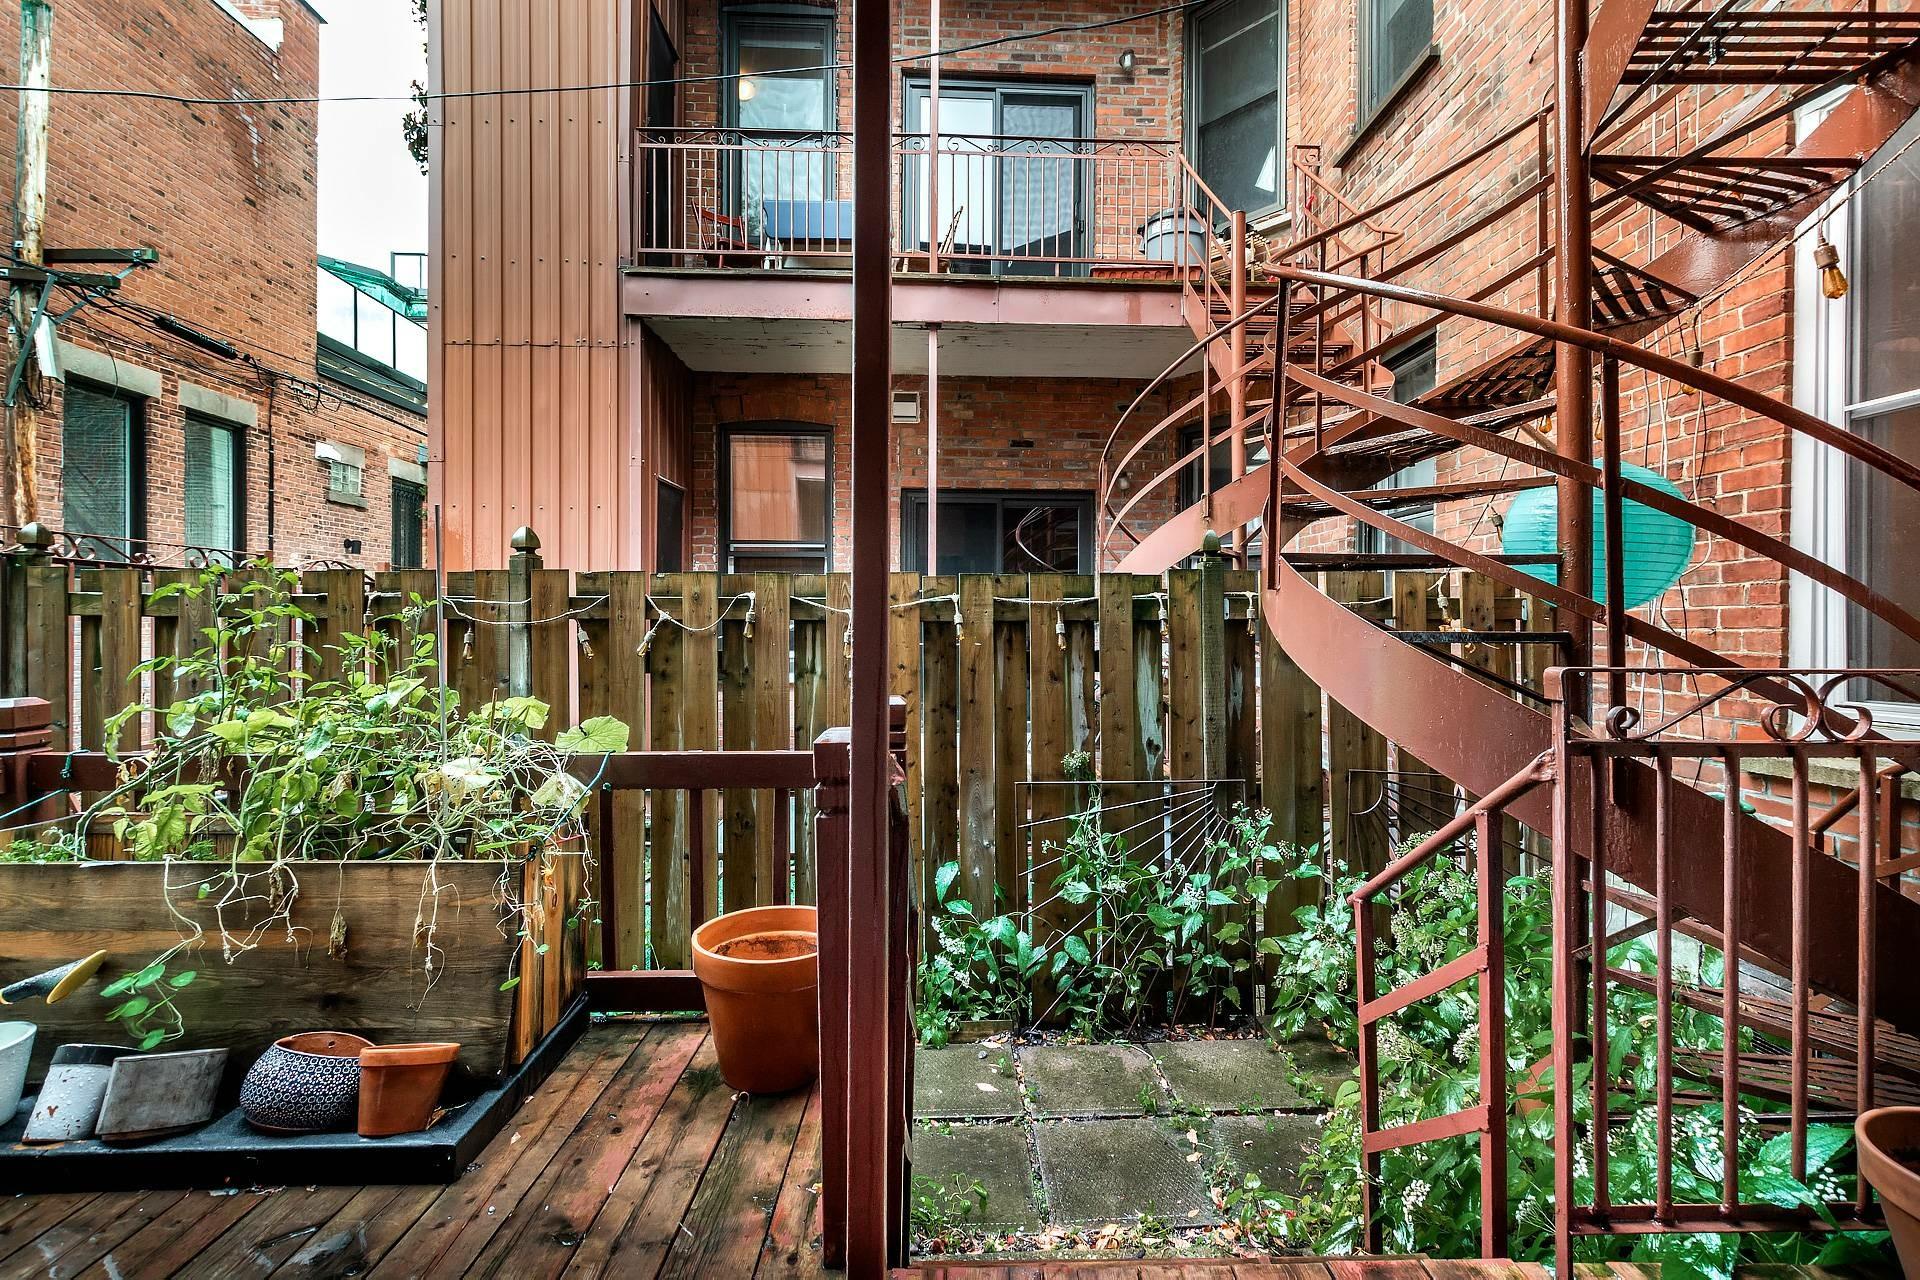 image 15 - Appartement À vendre Le Plateau-Mont-Royal Montréal  - 6 pièces